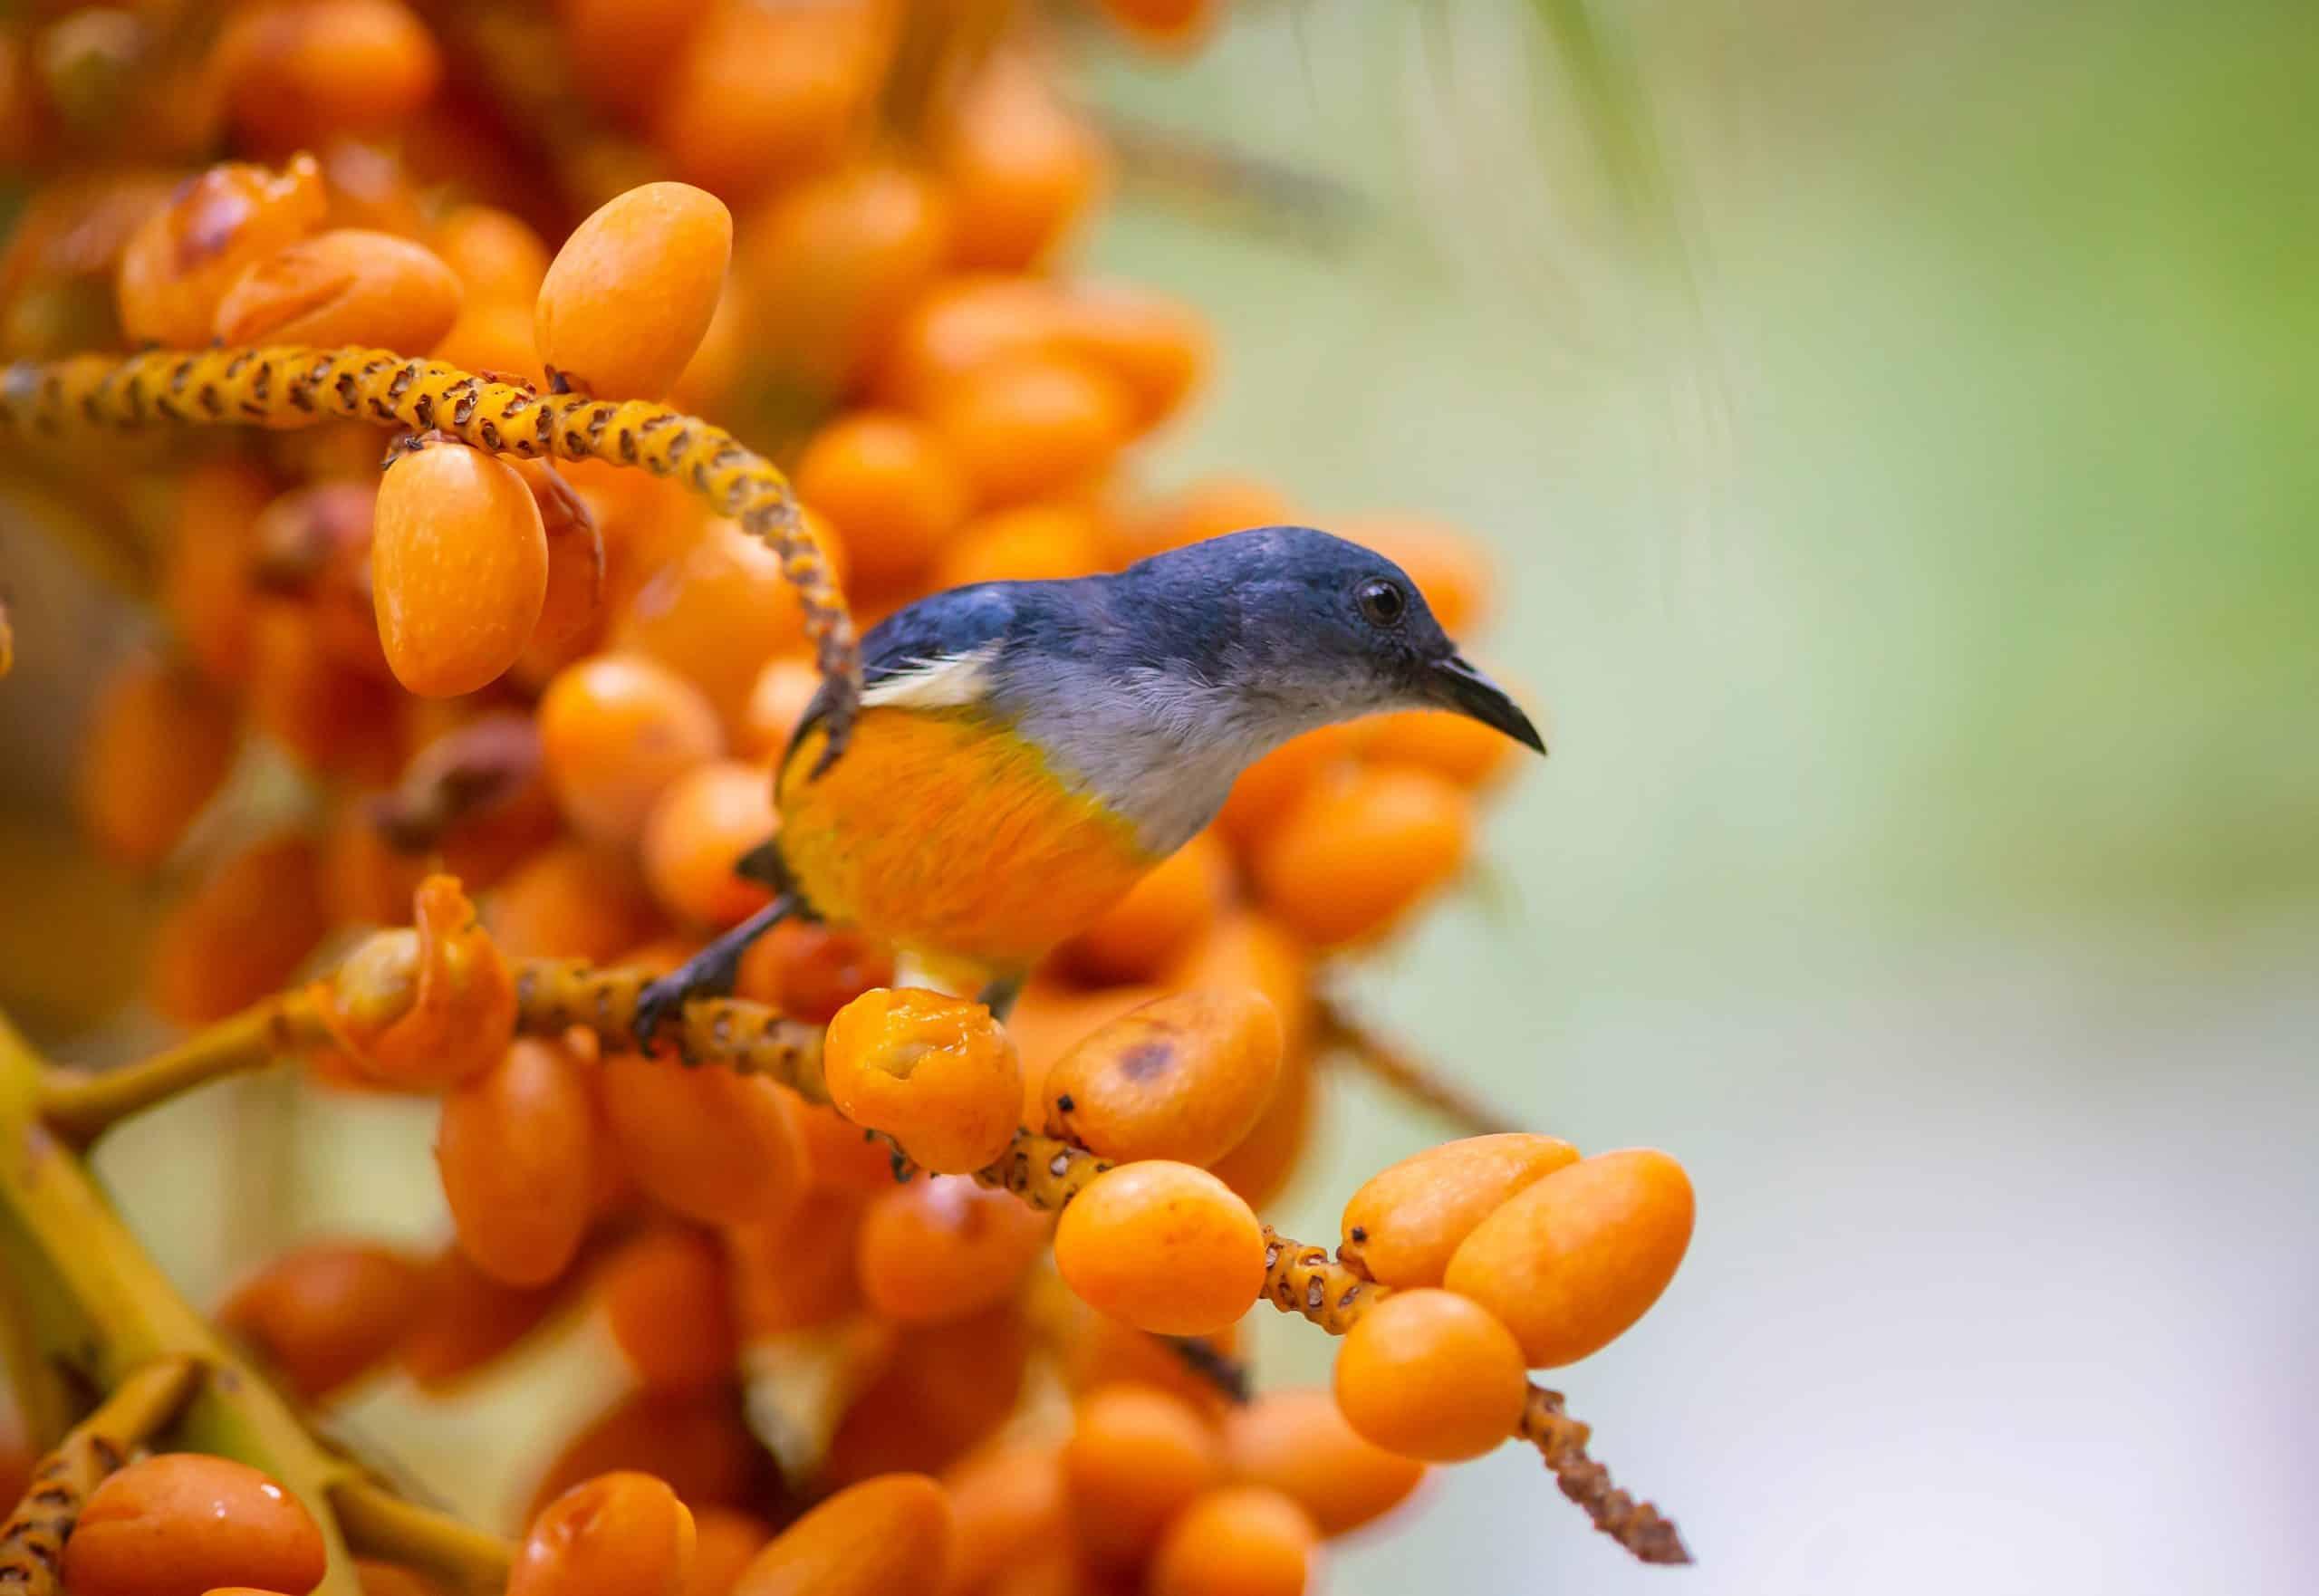 Blue & Orange Bird by Erik Karits